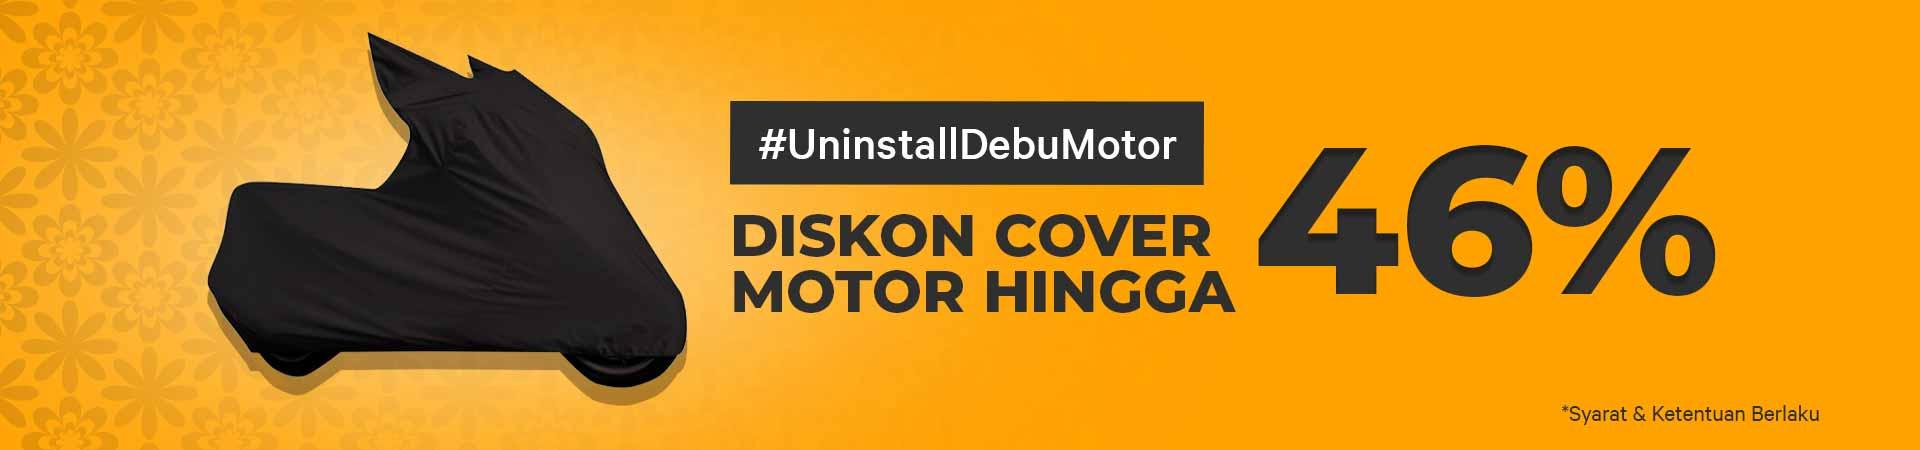 Promo Cover Motor - Uninstall Debu Motor, Diskon Sampai Dengan 46% - Gratis Ongkir!